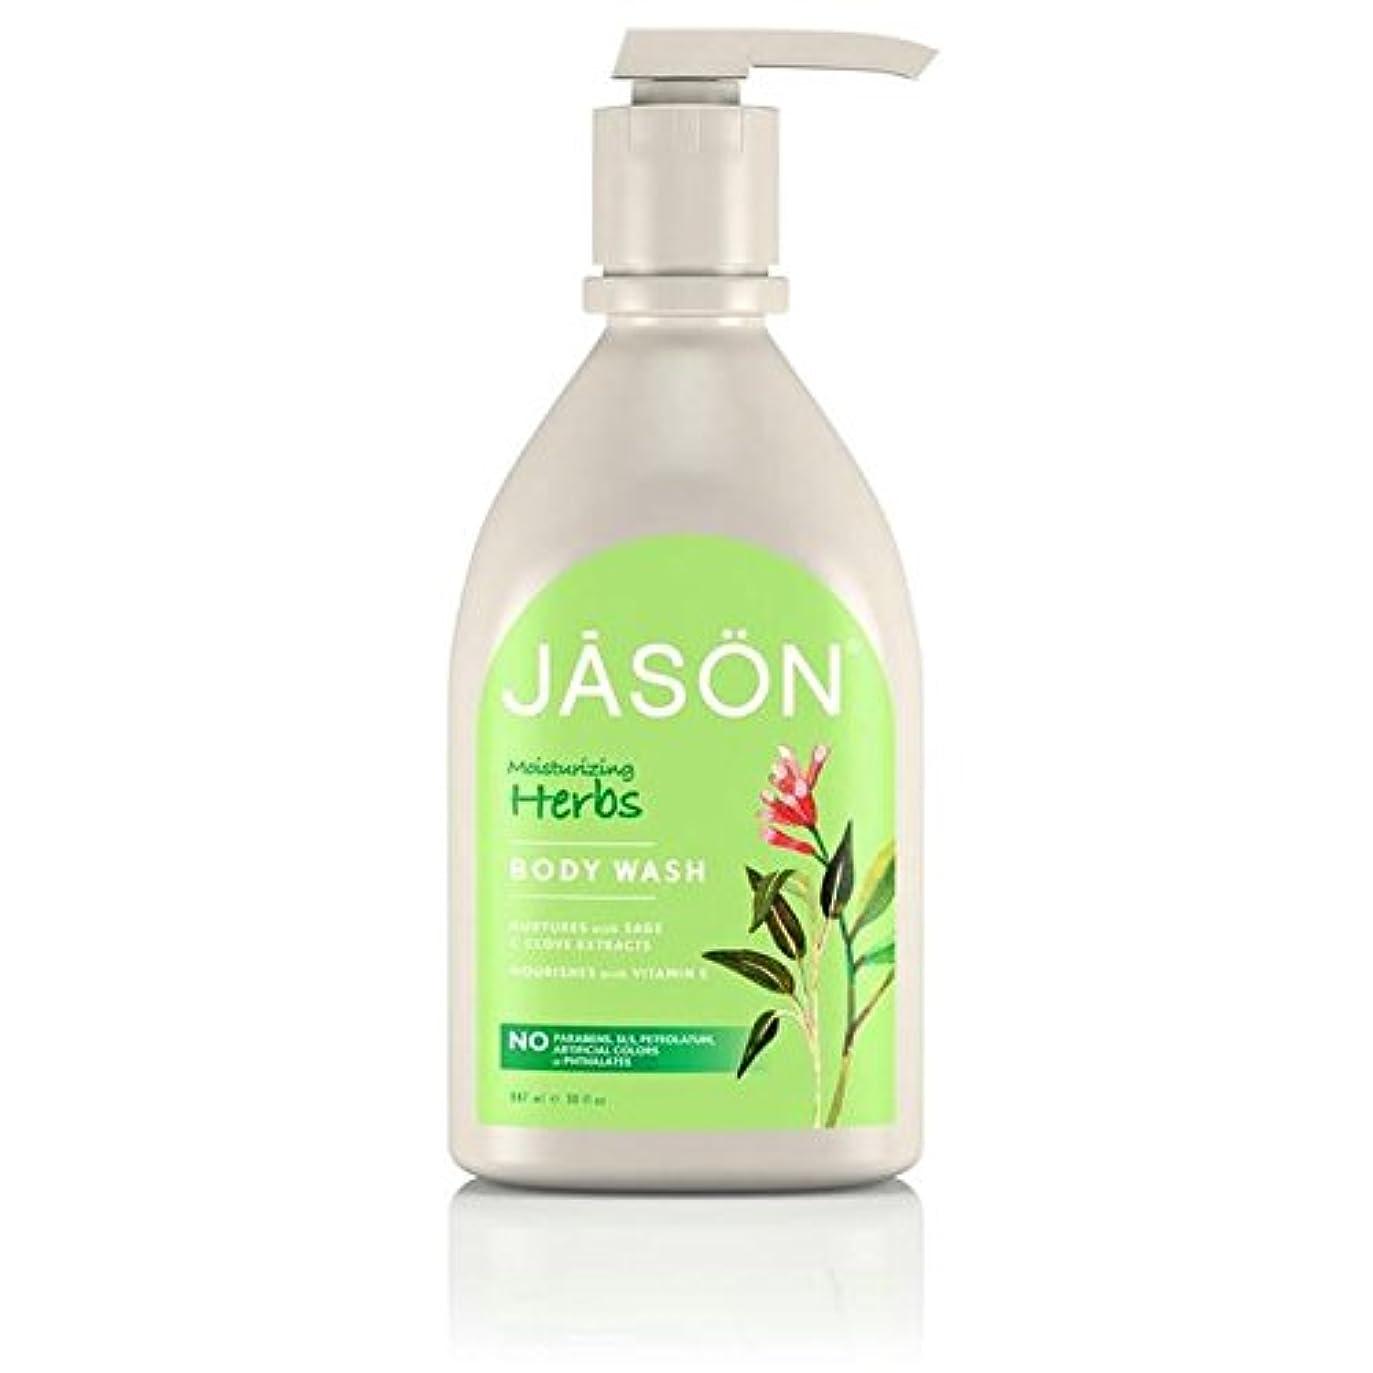 どういたしまして贈り物抜け目のないジェイソン?ハーブサテンボディウォッシュポンプ900ミリリットル x4 - Jason Herbal Satin Body Wash Pump 900ml (Pack of 4) [並行輸入品]